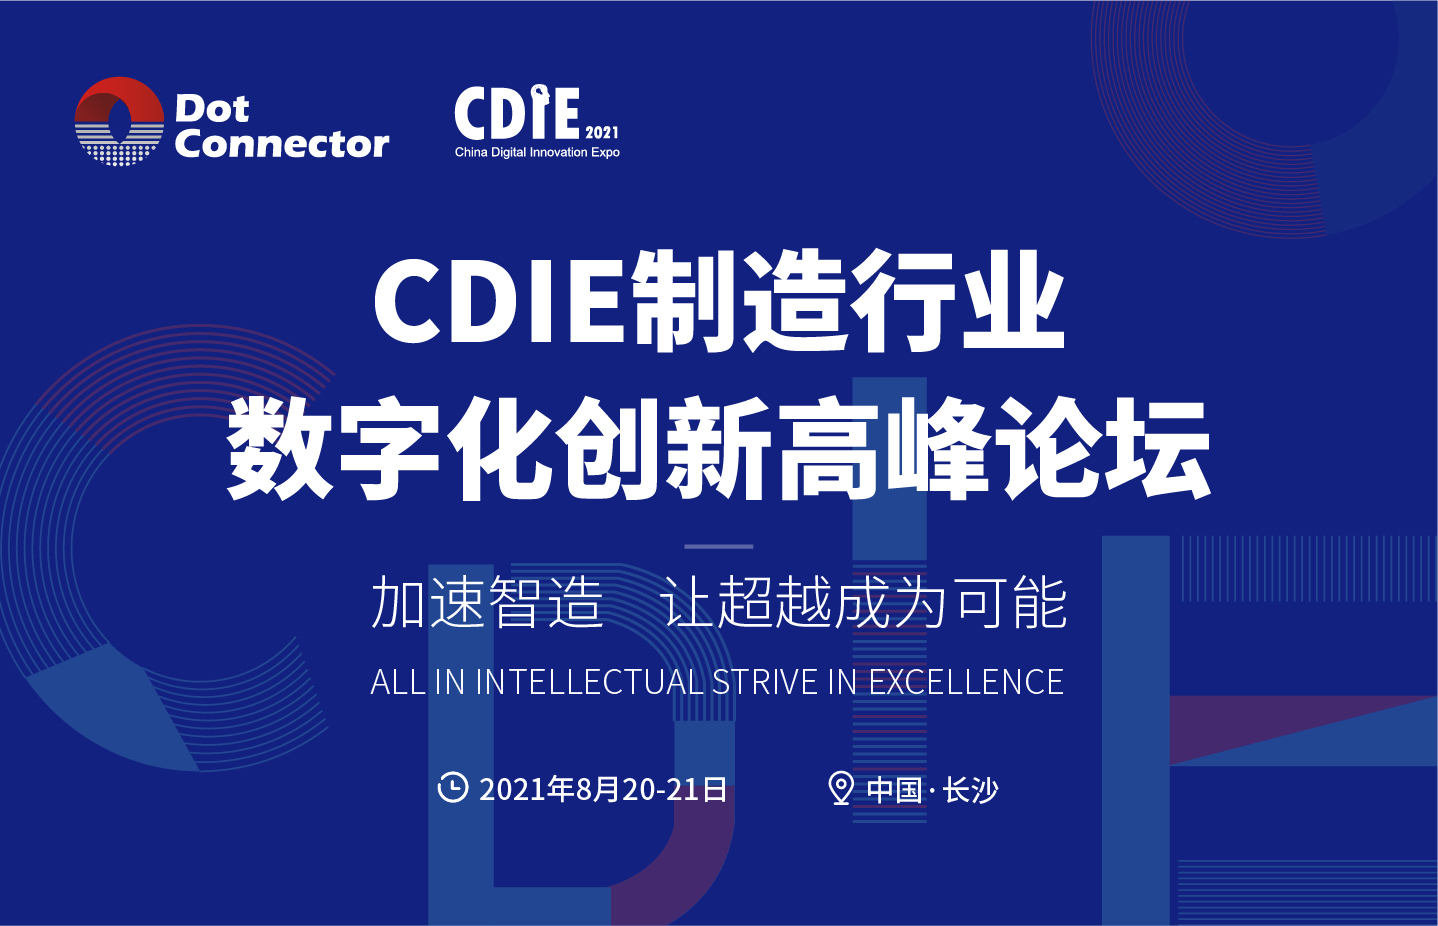 CDIE制造业数字化创新高峰论坛 · 长沙站